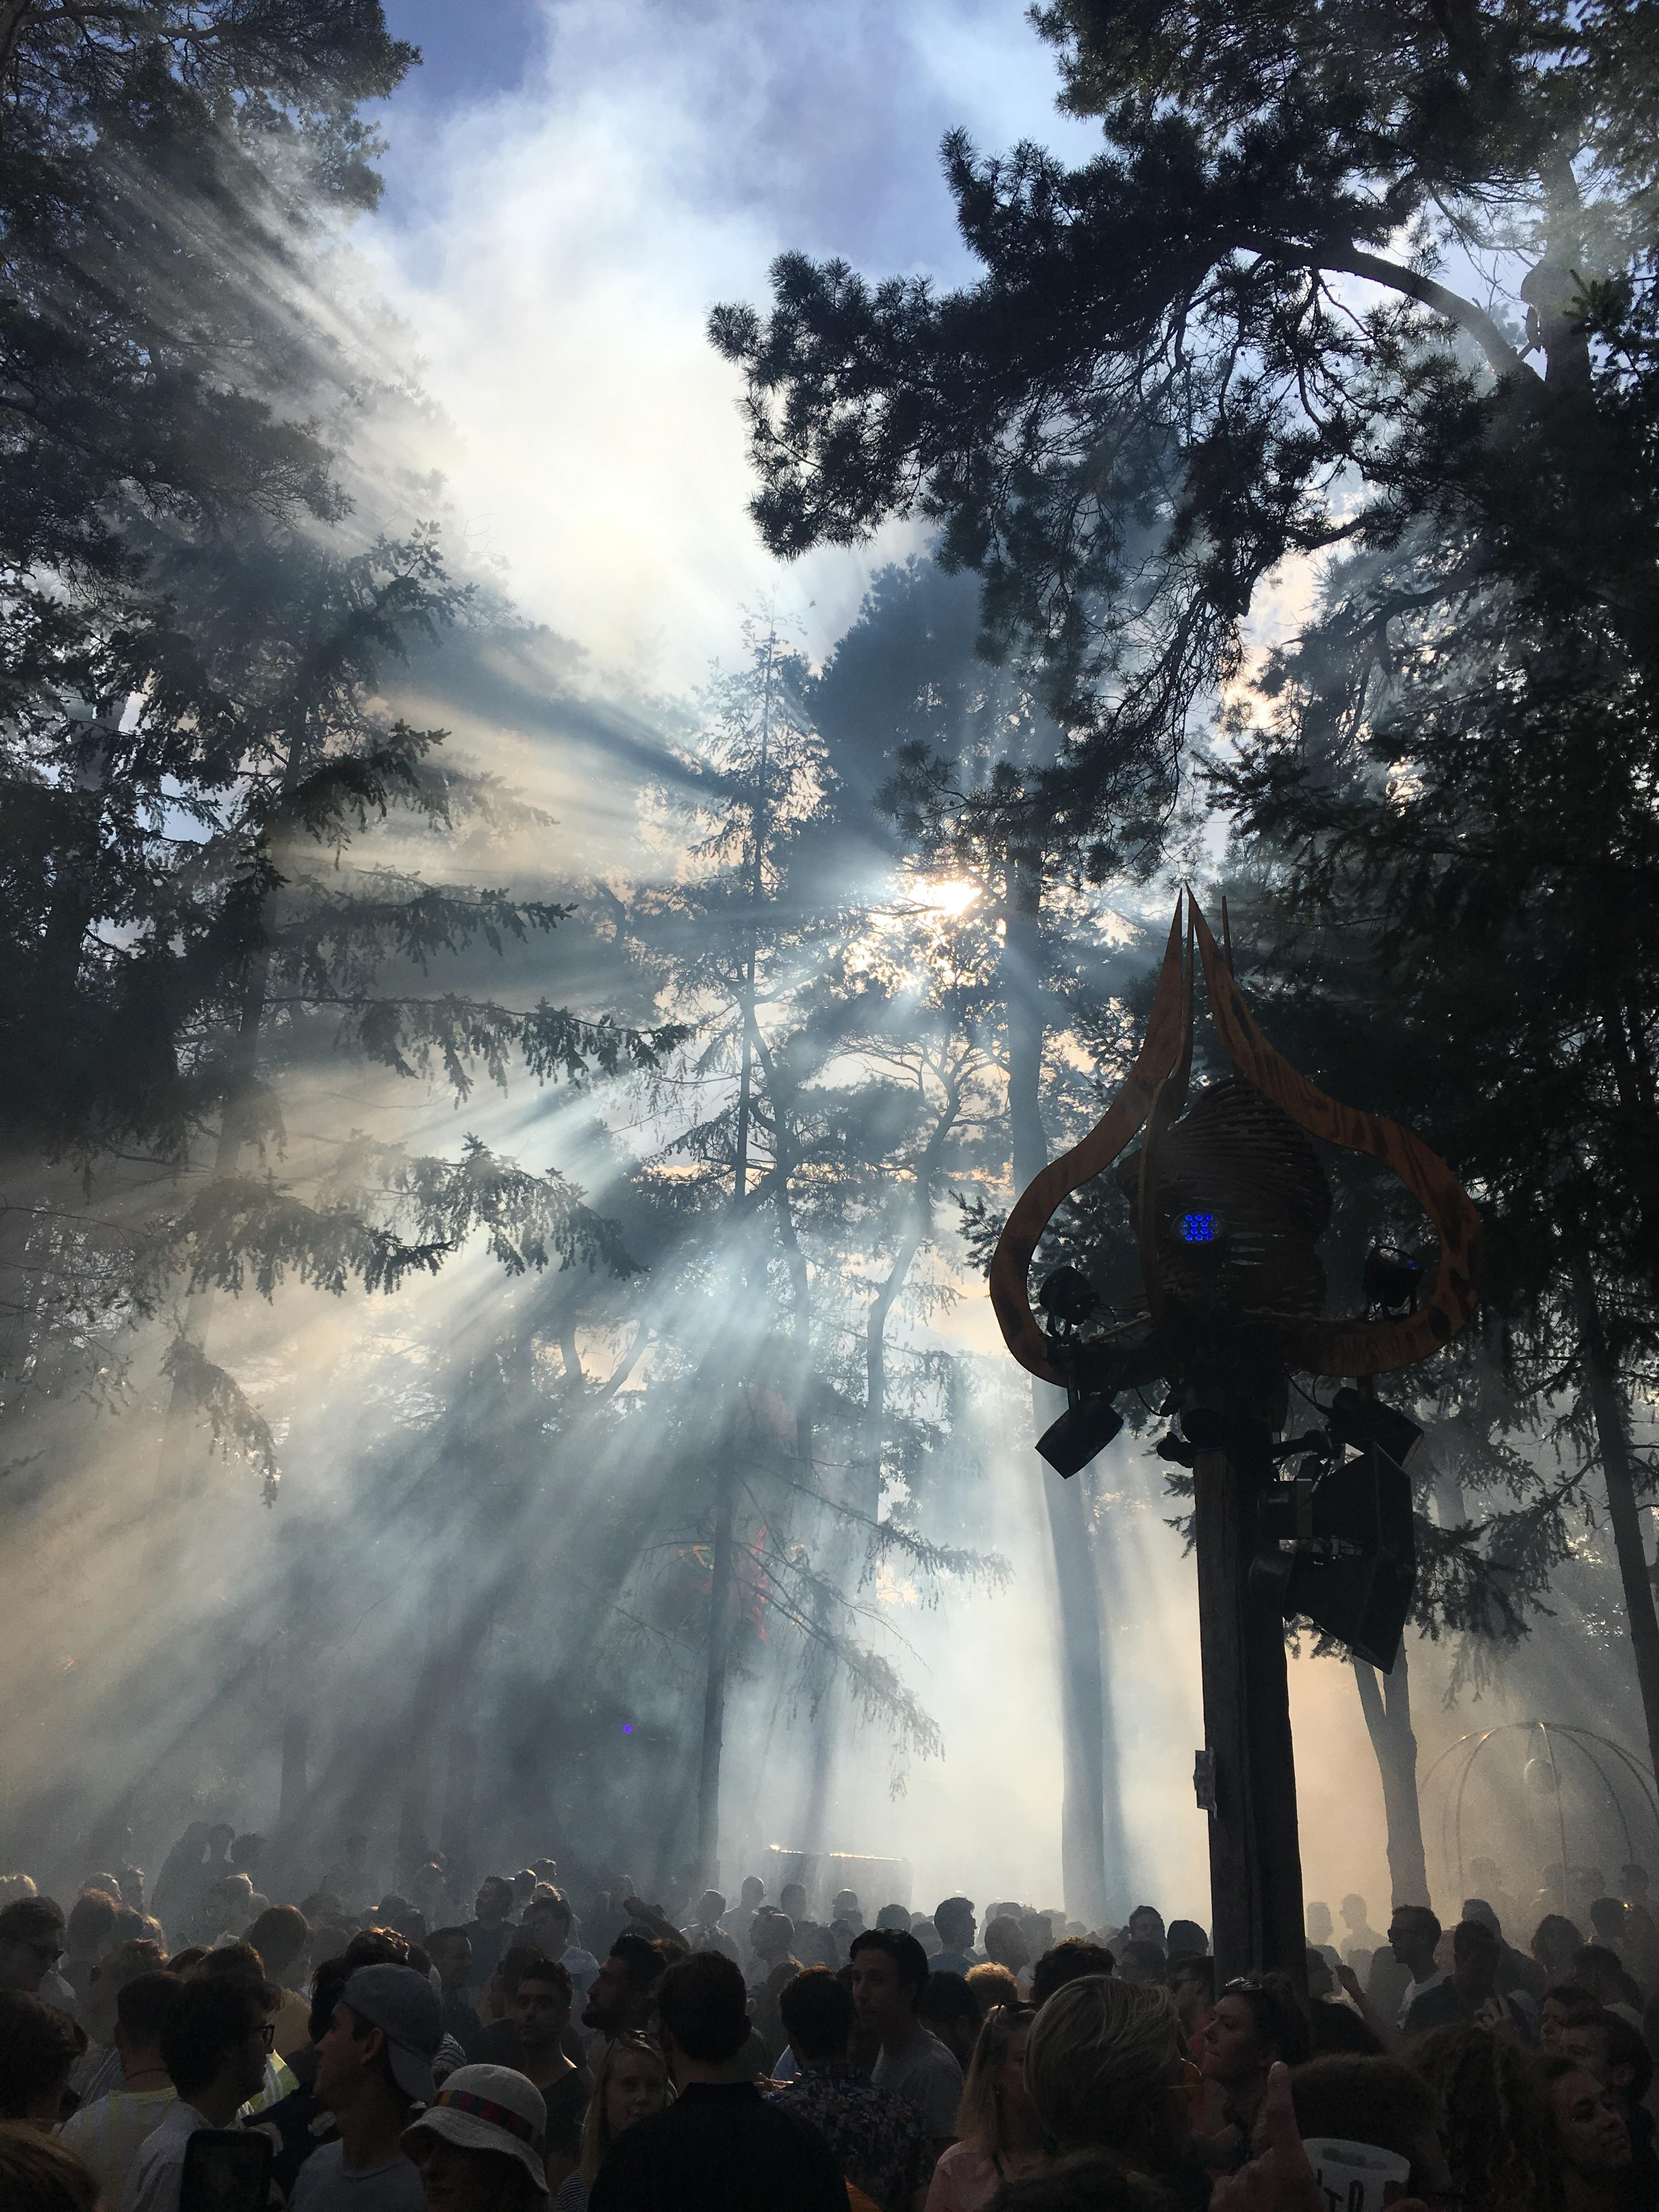 Into The Woods 2019 - bos met zon door de bomen